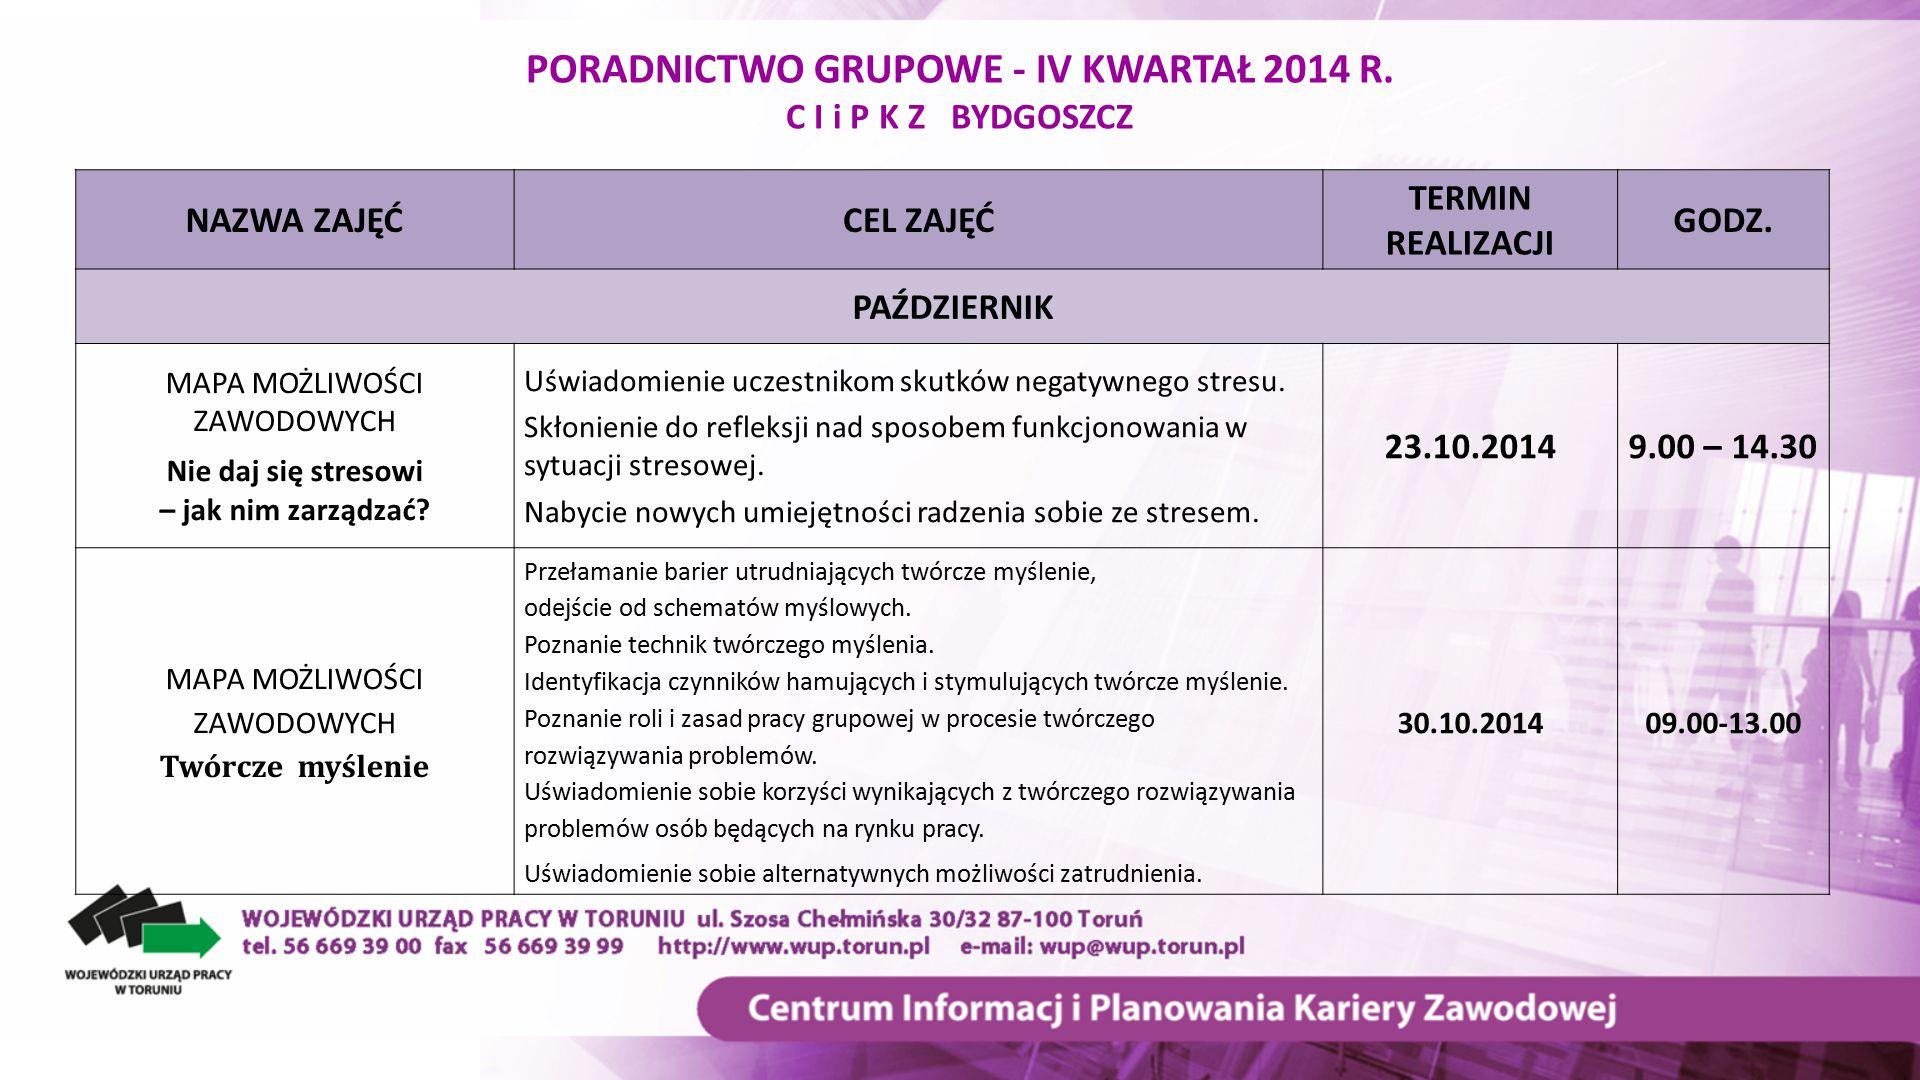 PORADNICTWO GRUPOWE - IV KWARTAŁ 2014 R.